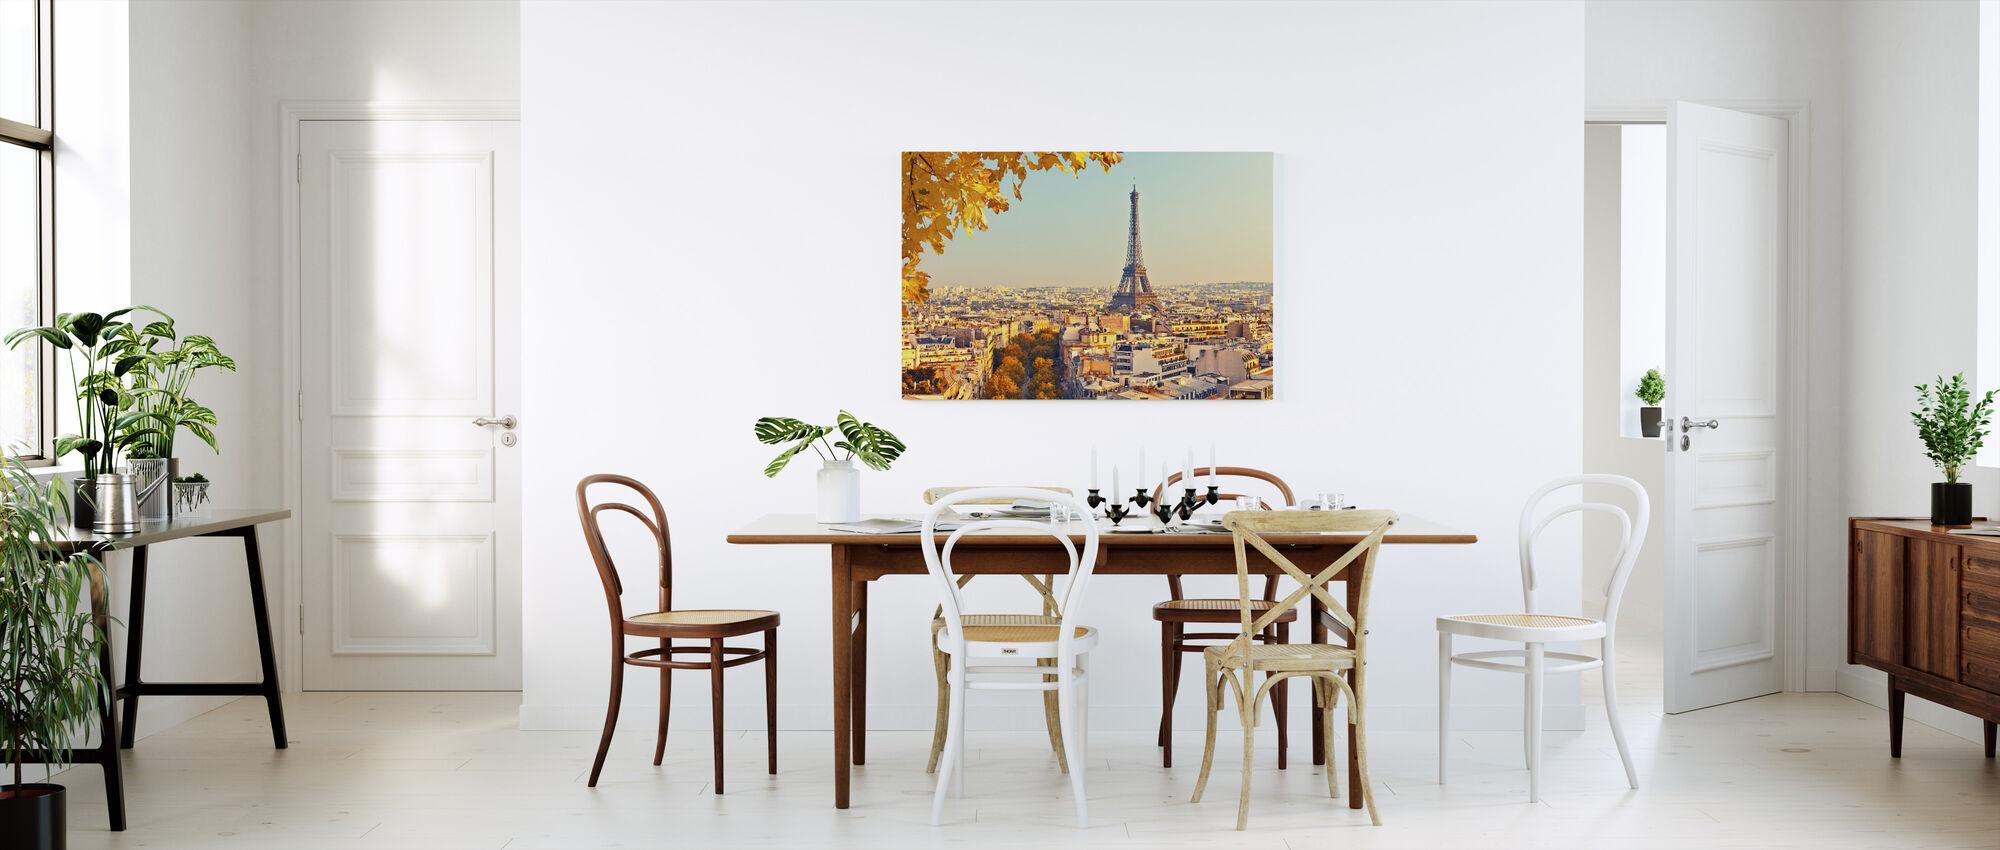 Eiffeltornet Höstutsikt - Canvastavla - Kök